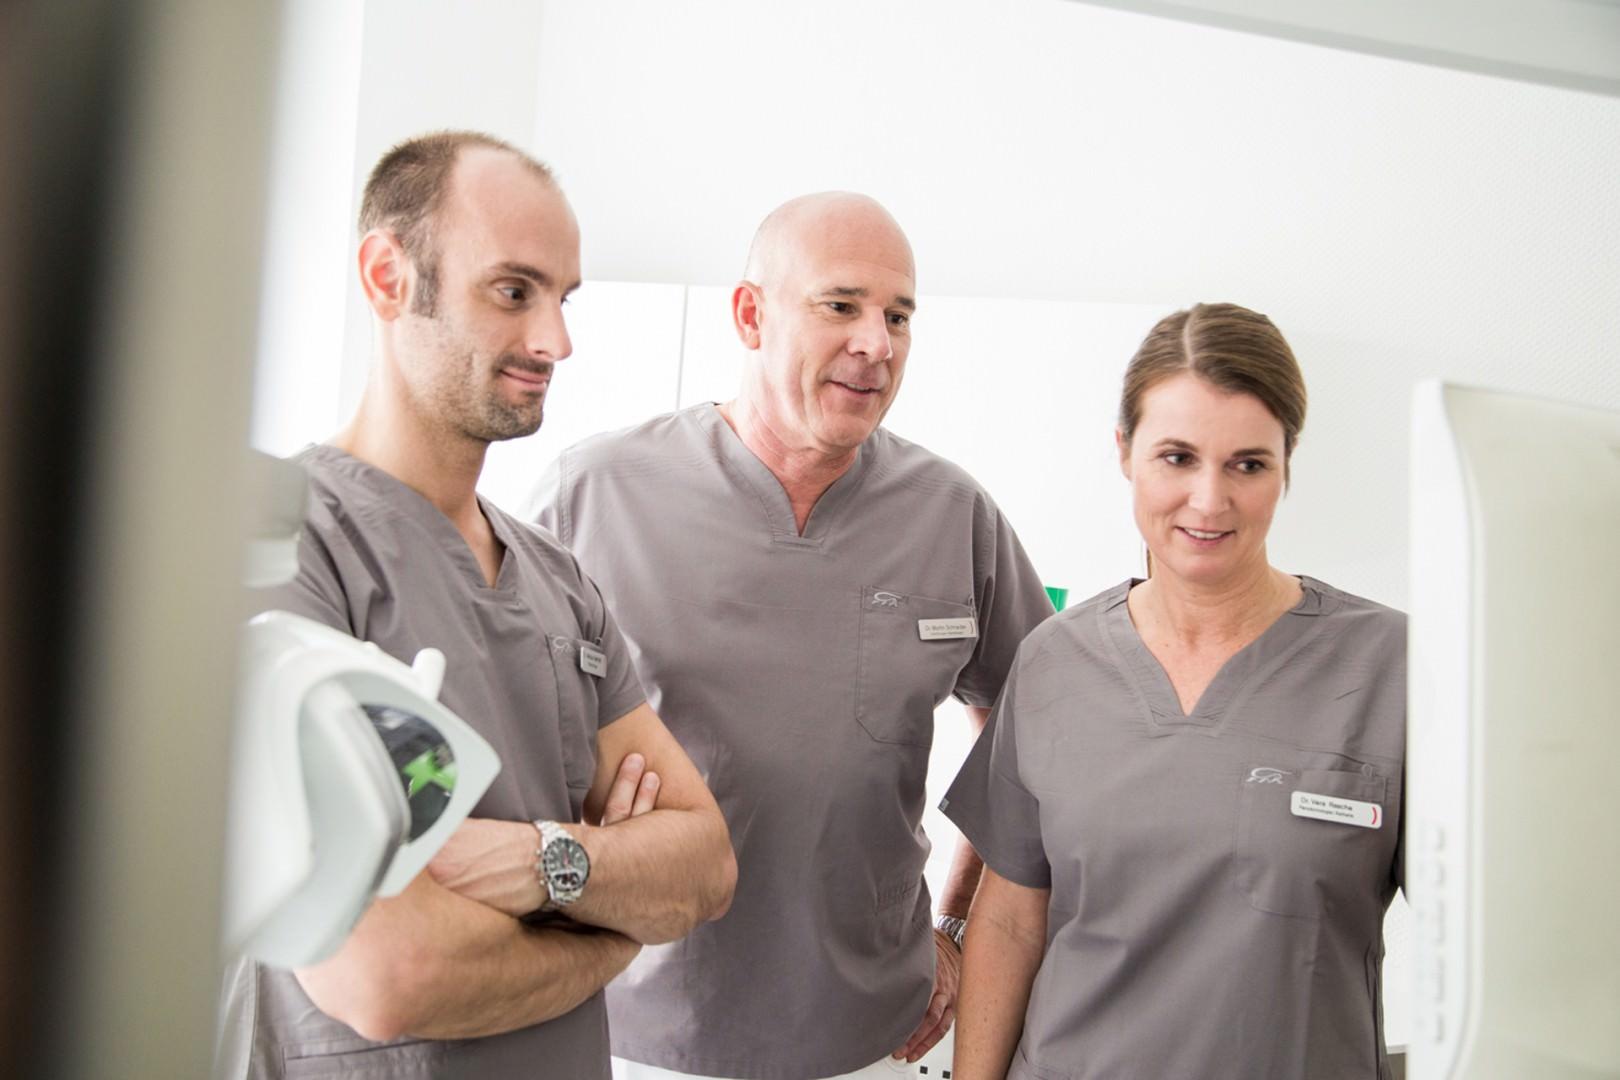 Dr. Bechtold, Dr. Schneider, Frau Dr. Rasche schauen gemeinsam auf einen Bildschirm